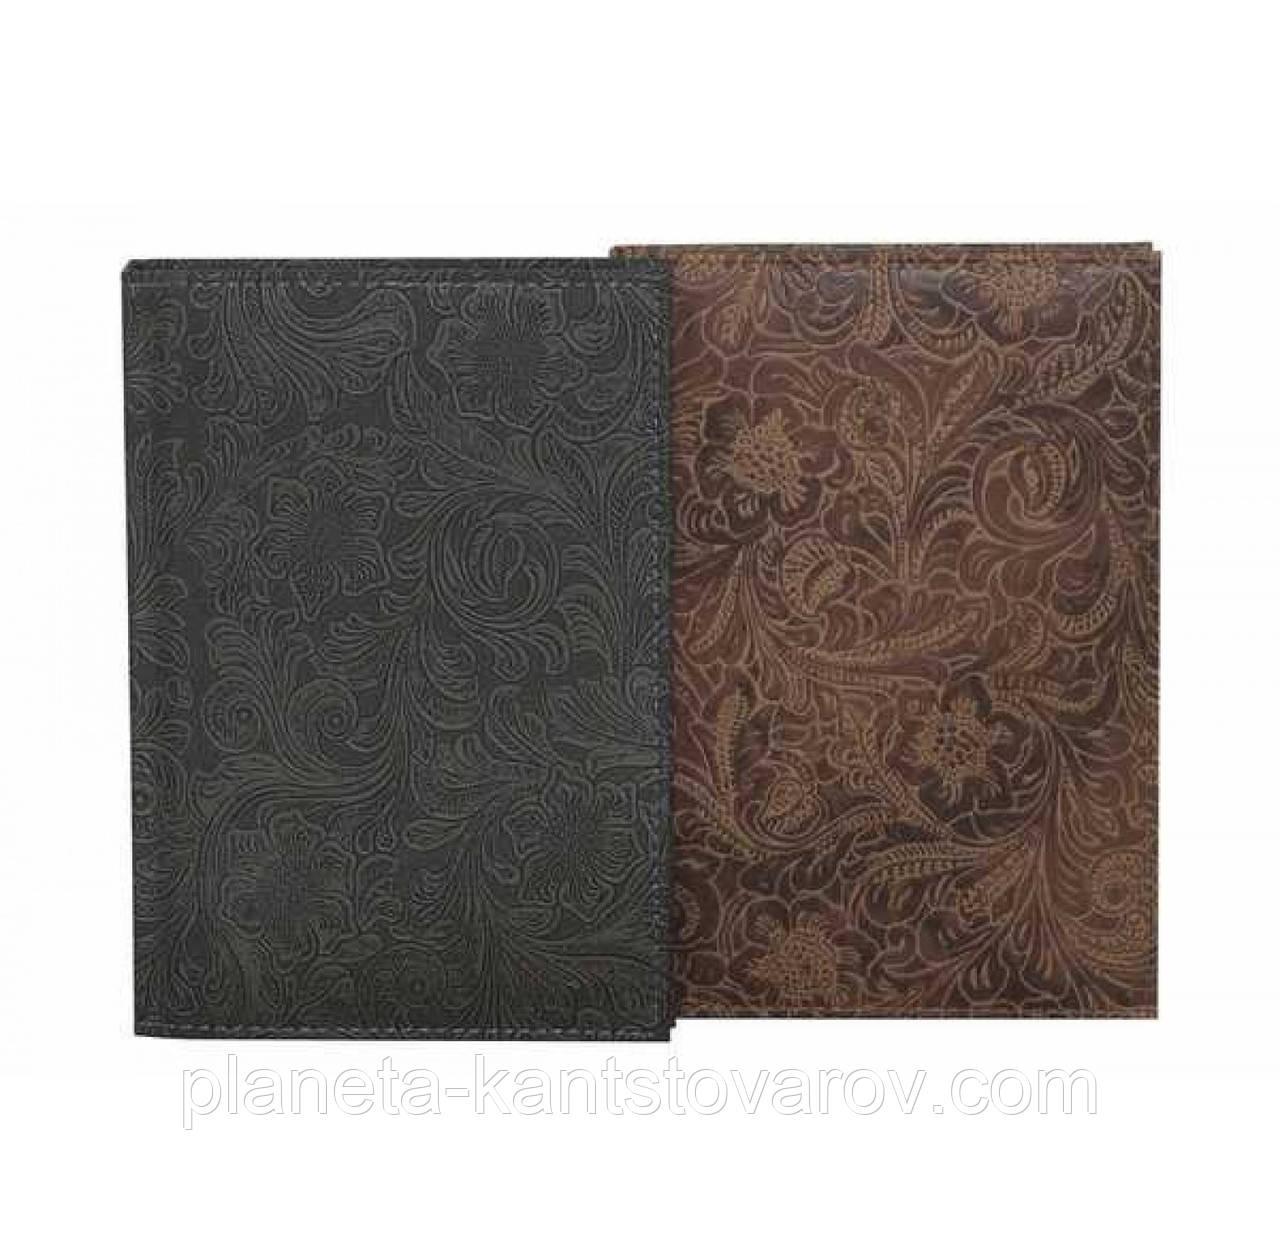 Блокнот-телефонная книга А5 (120 листов) WB-5458